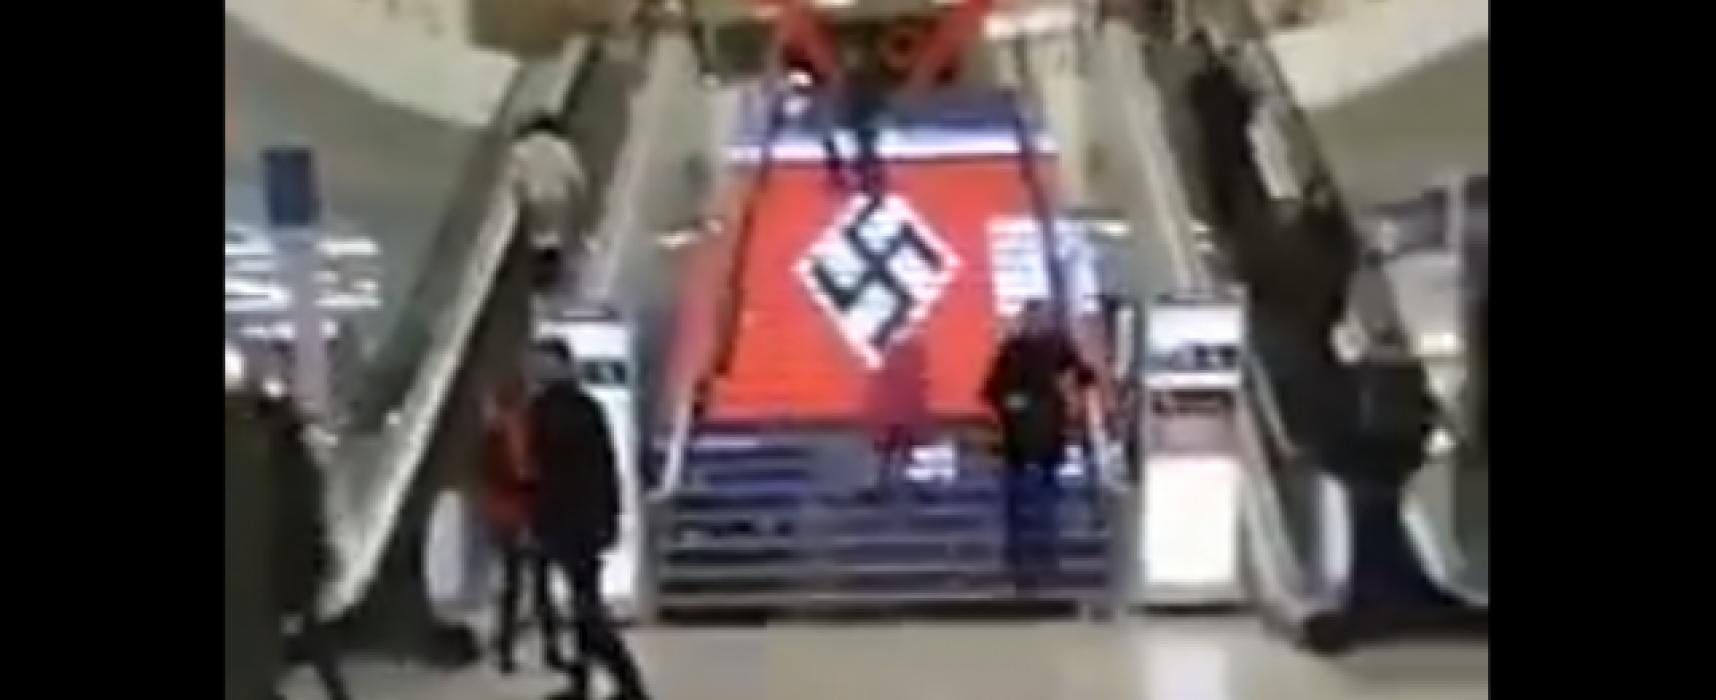 В киевски мол на LED стъпала се появи свастика. Собствениците заявиха, че това е хакерска атака